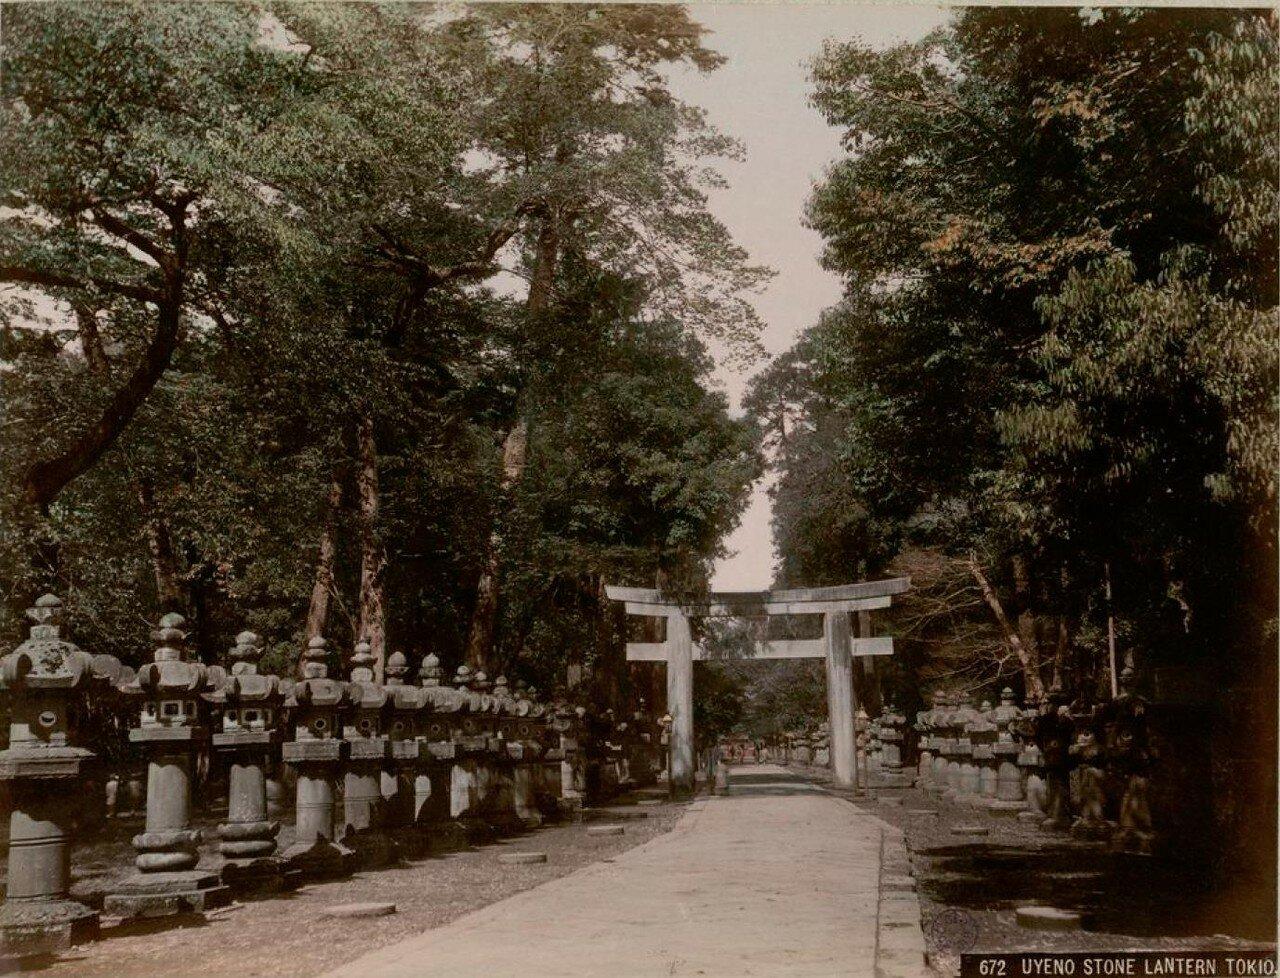 Токио. Высочайше пожалованный парк Уэно. Каменные фонари